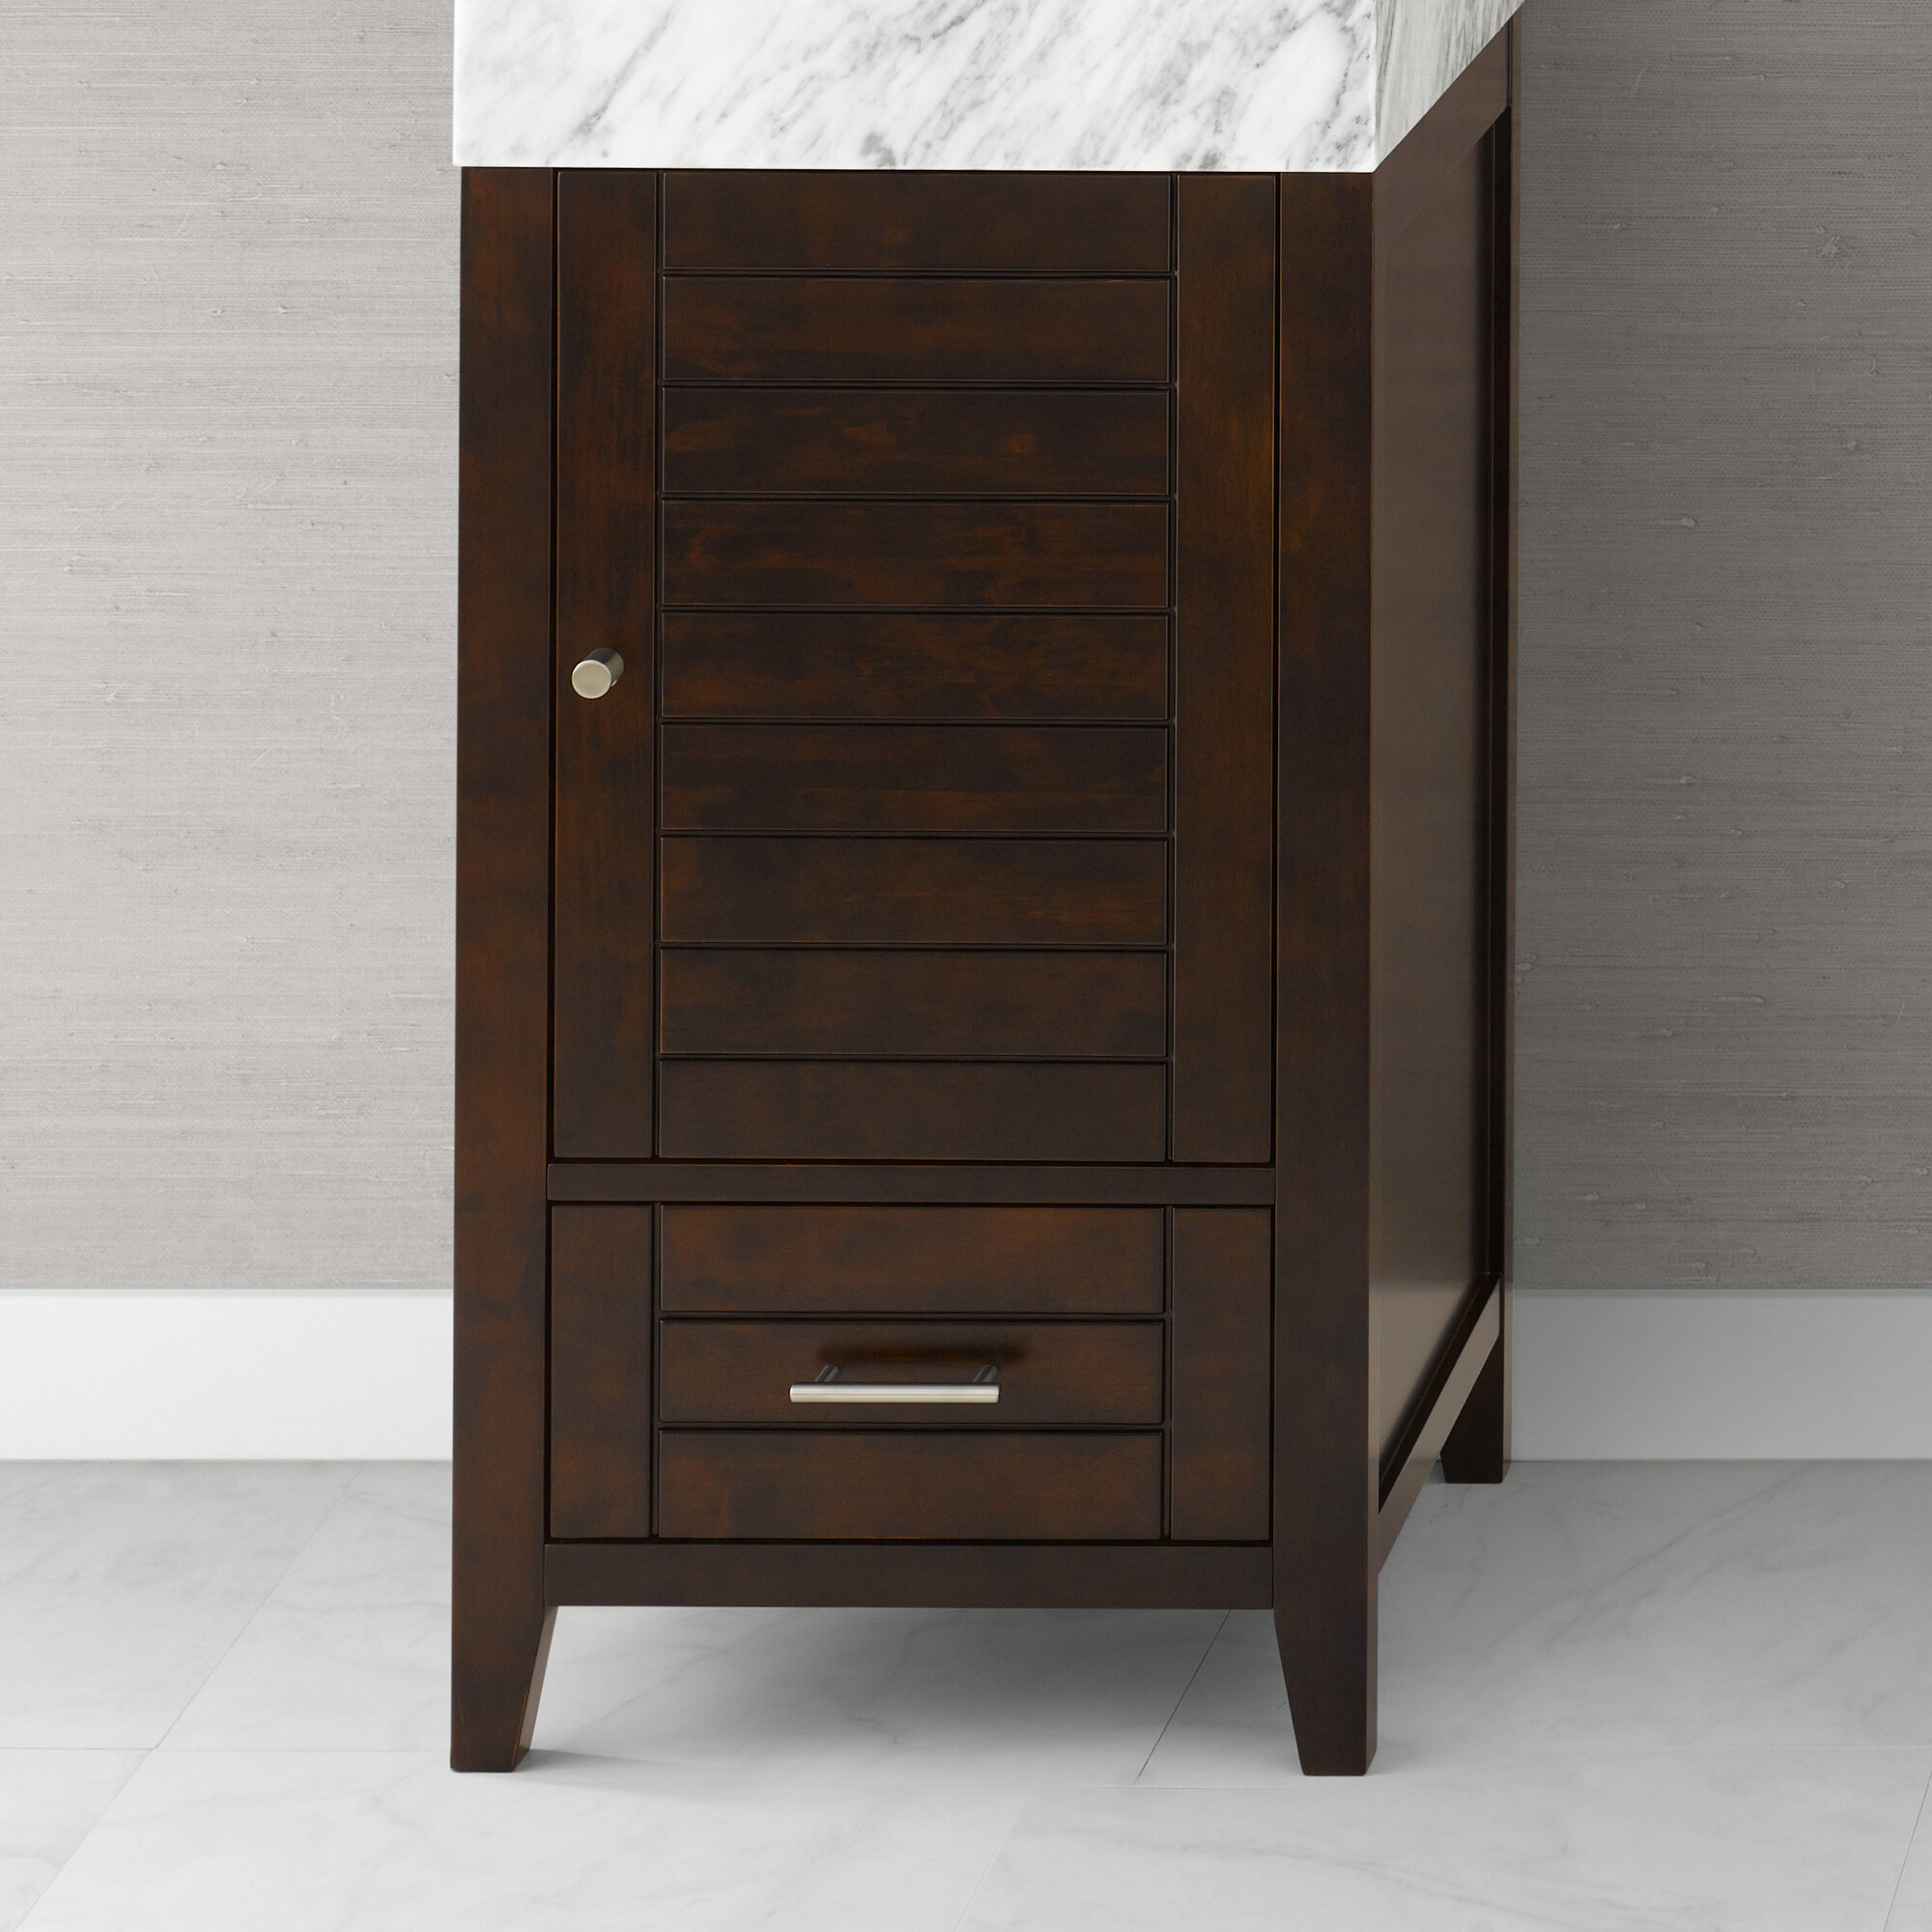 ronbow elise 18 bathroom vanity base cabinet in vintage walnut ebay